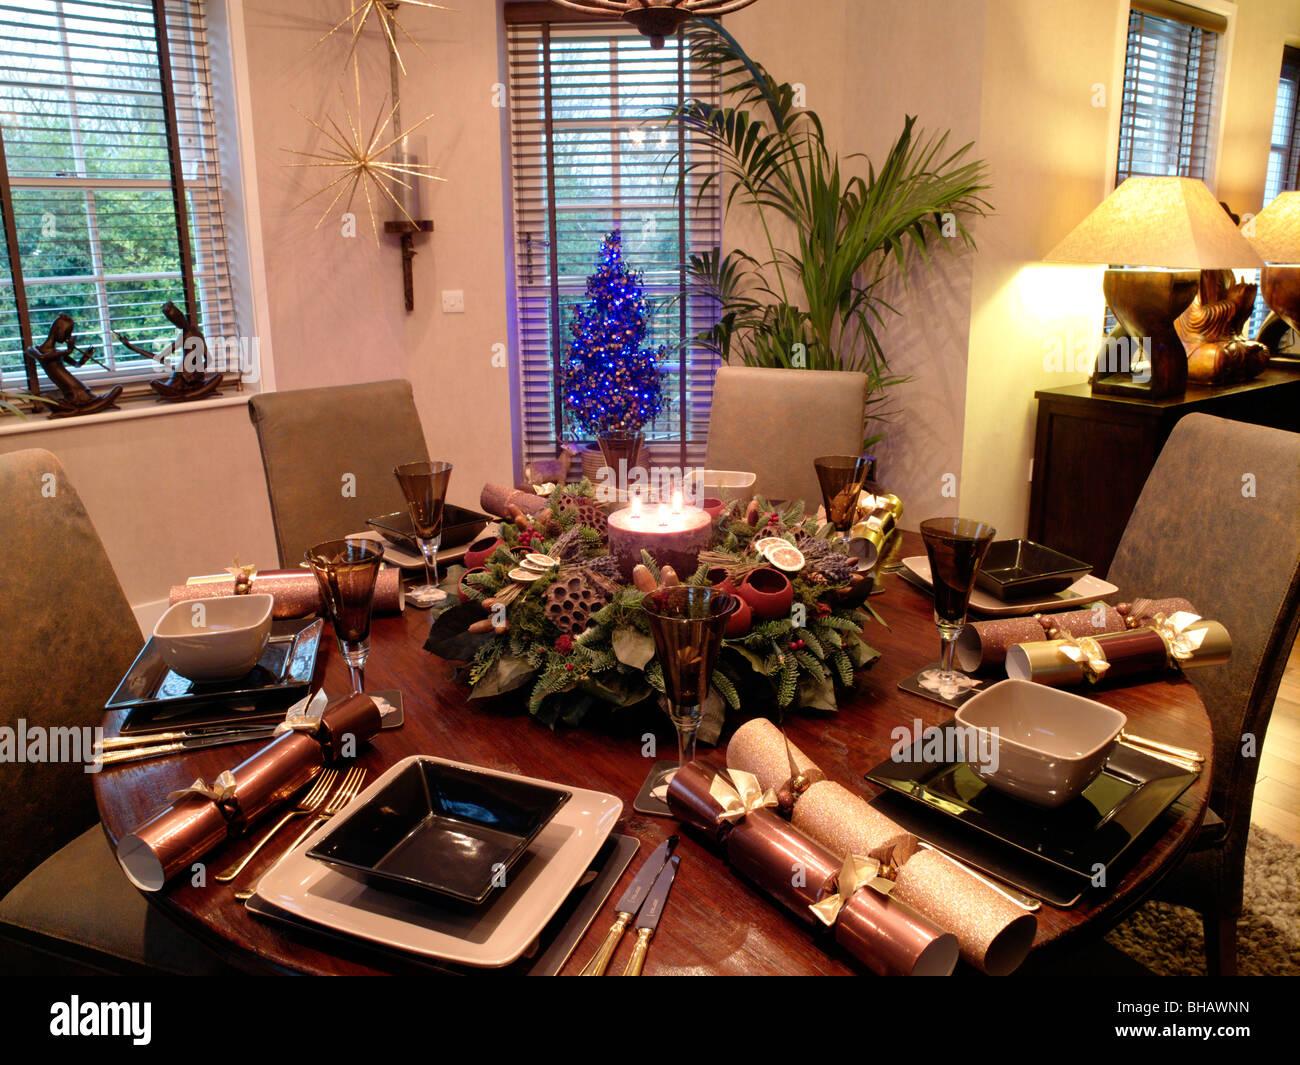 Weihnachtsbilder Kamin.Weihnachtsbilder Einschließlich Weihnachten Esstische Haustüren